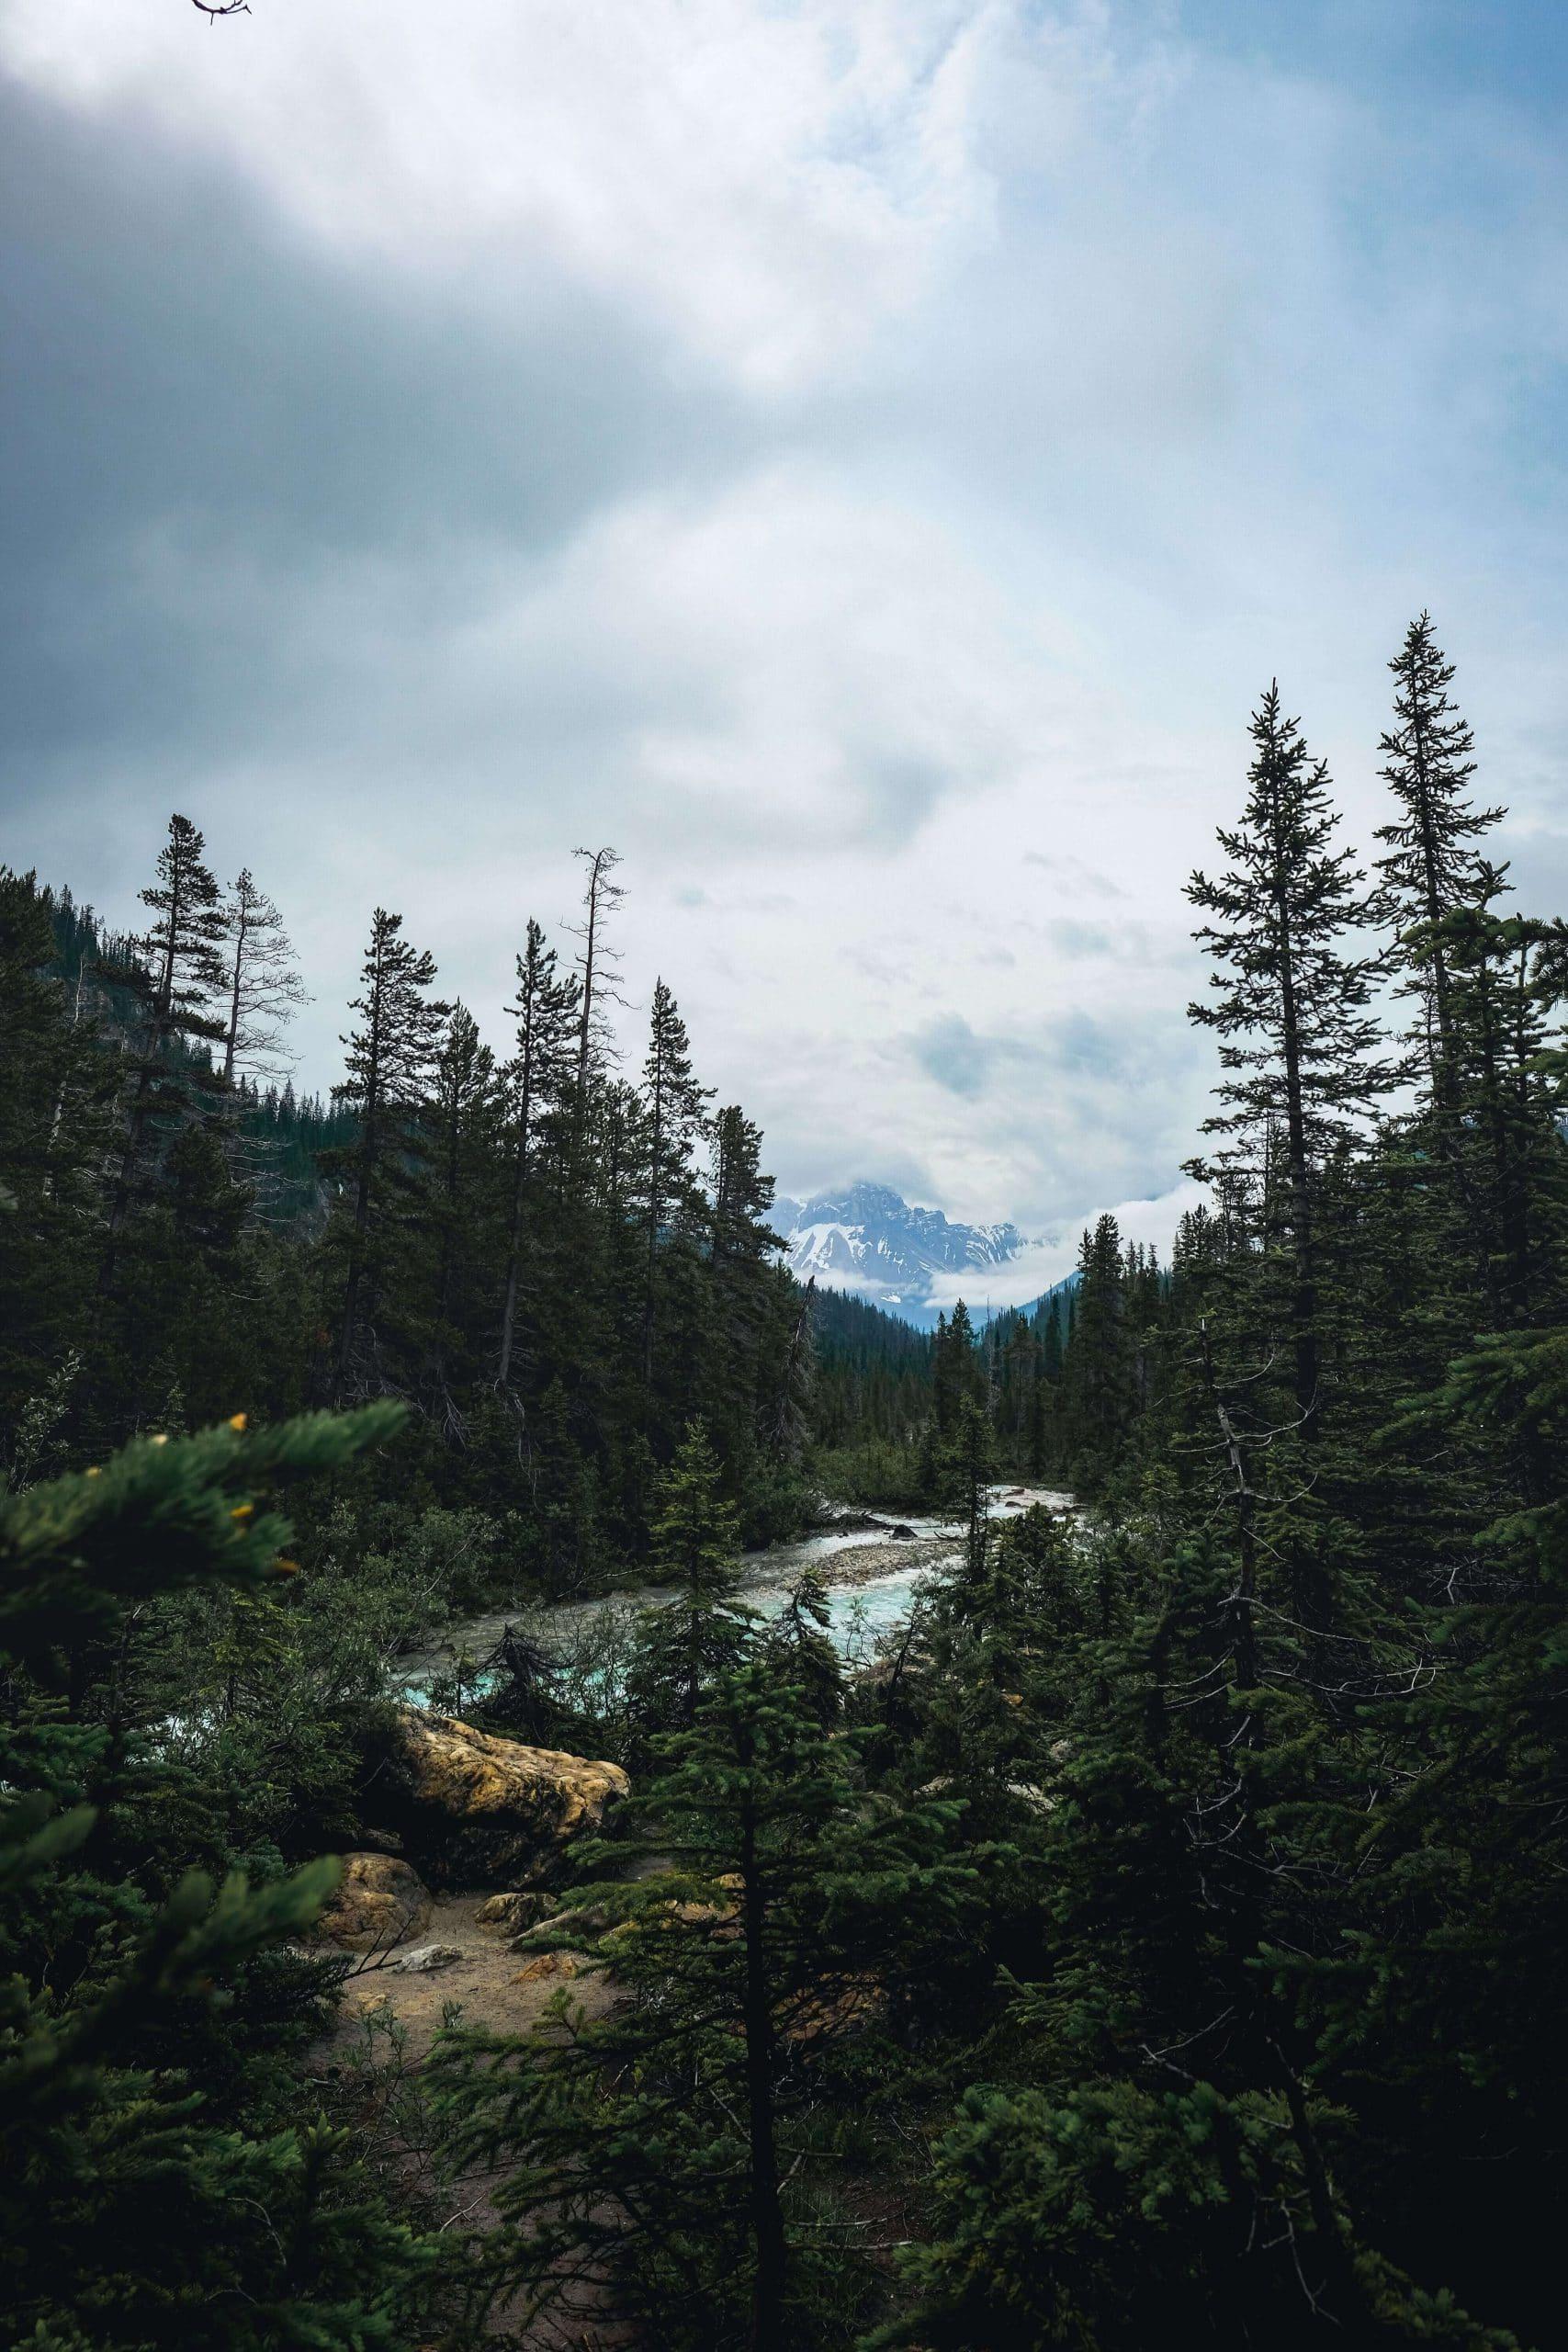 Takakkaw Falls Hike